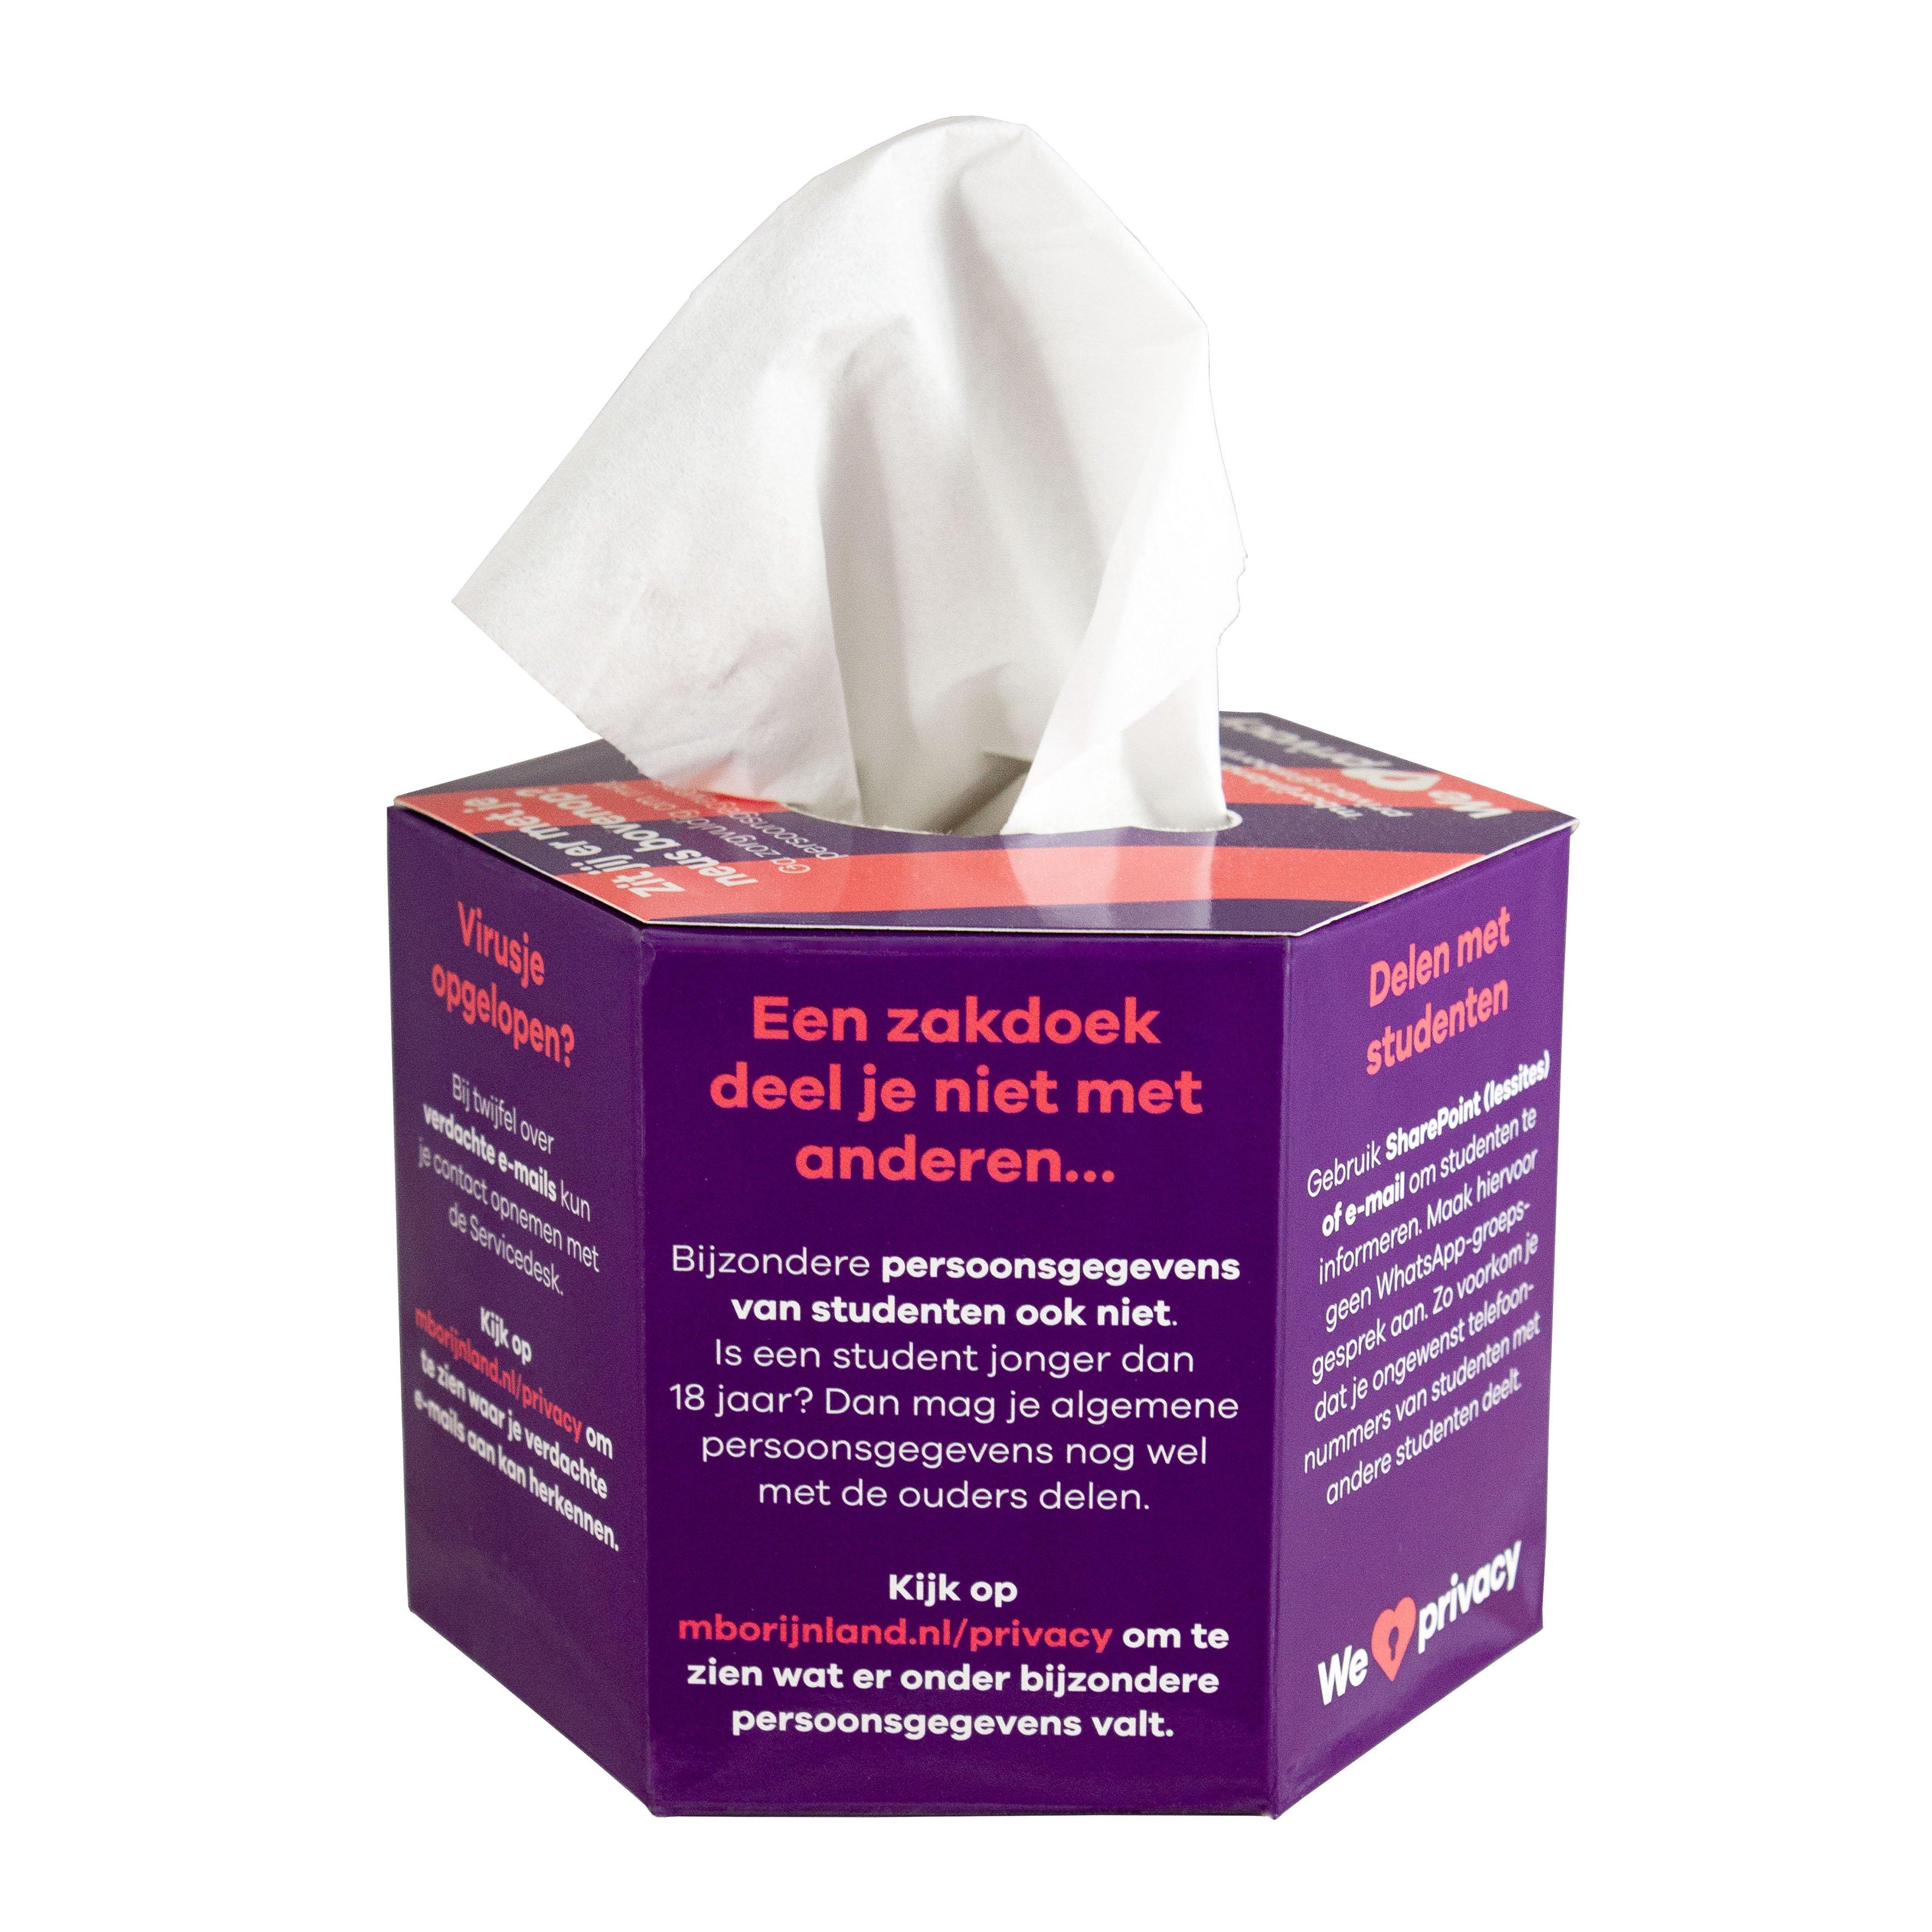 Care & More hexagon tissue box